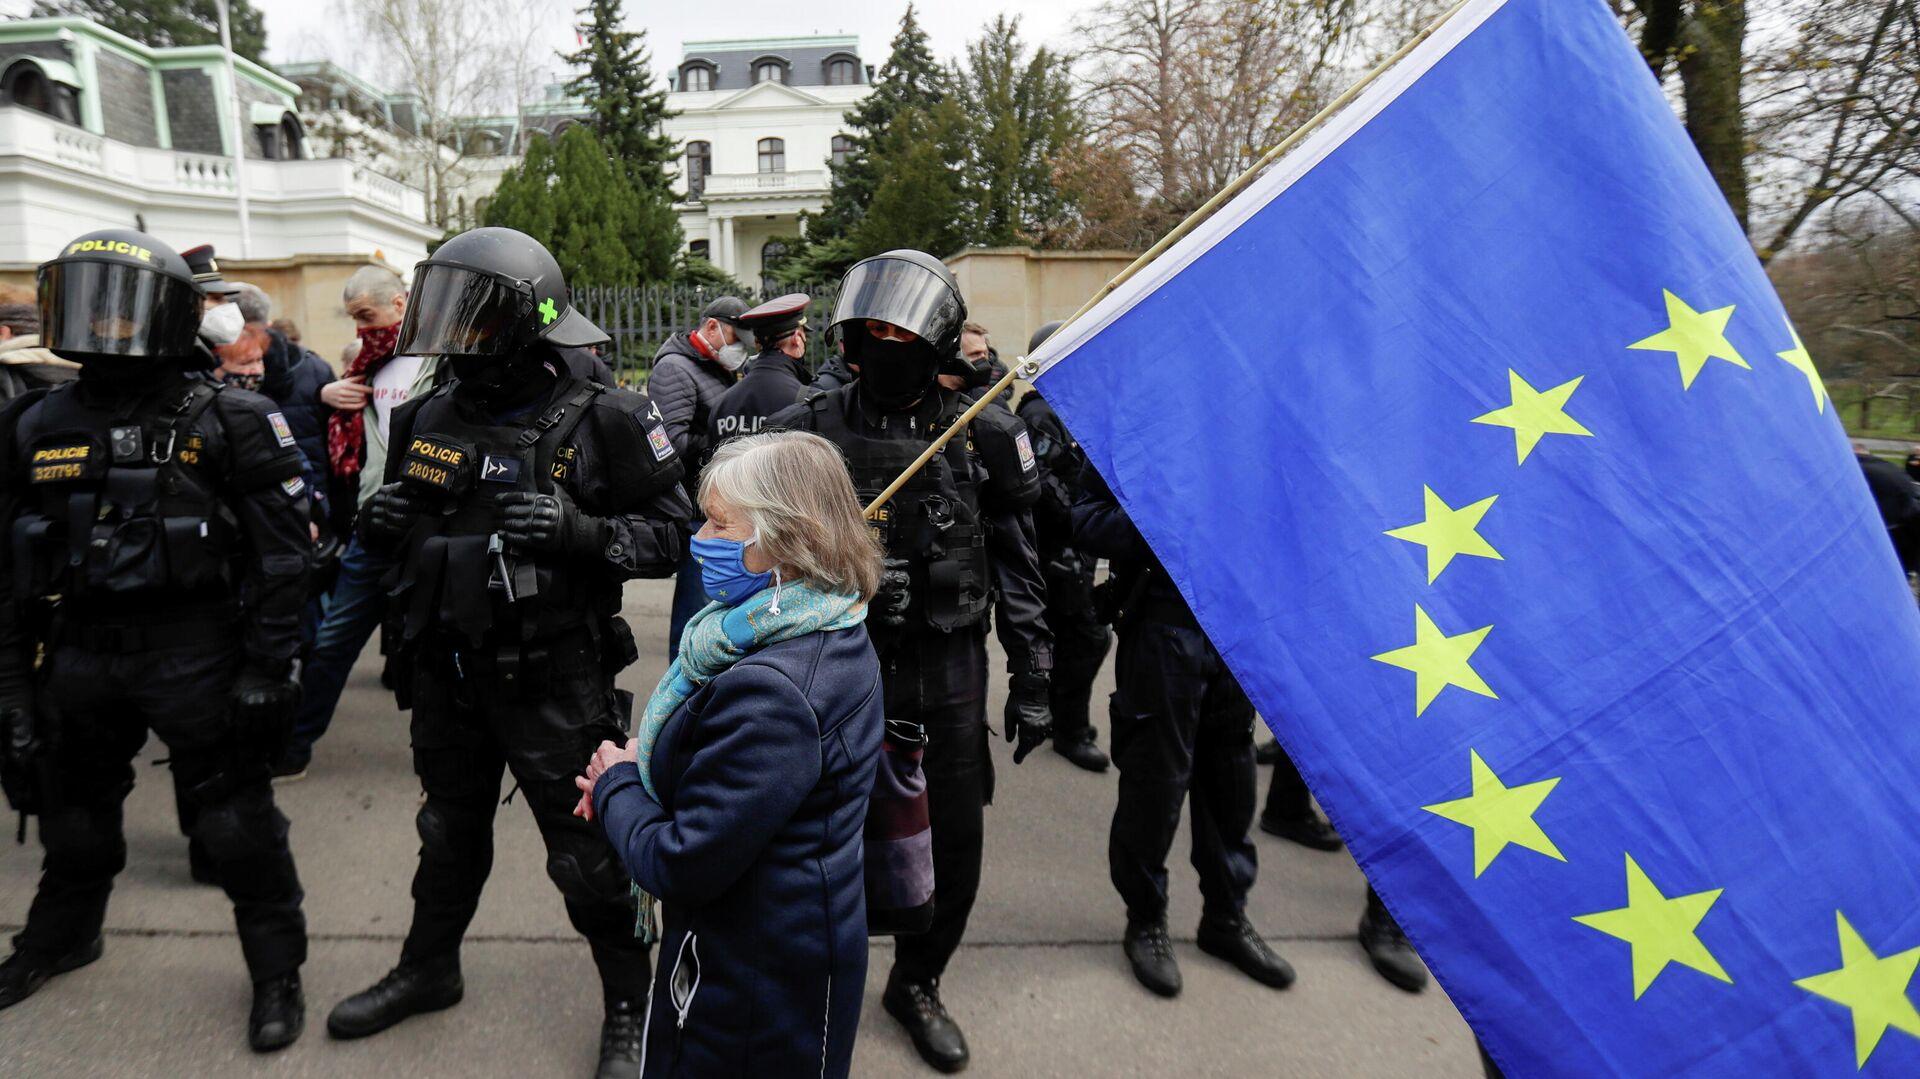 Una protestante con la bandera de la UE - Sputnik Mundo, 1920, 26.04.2021